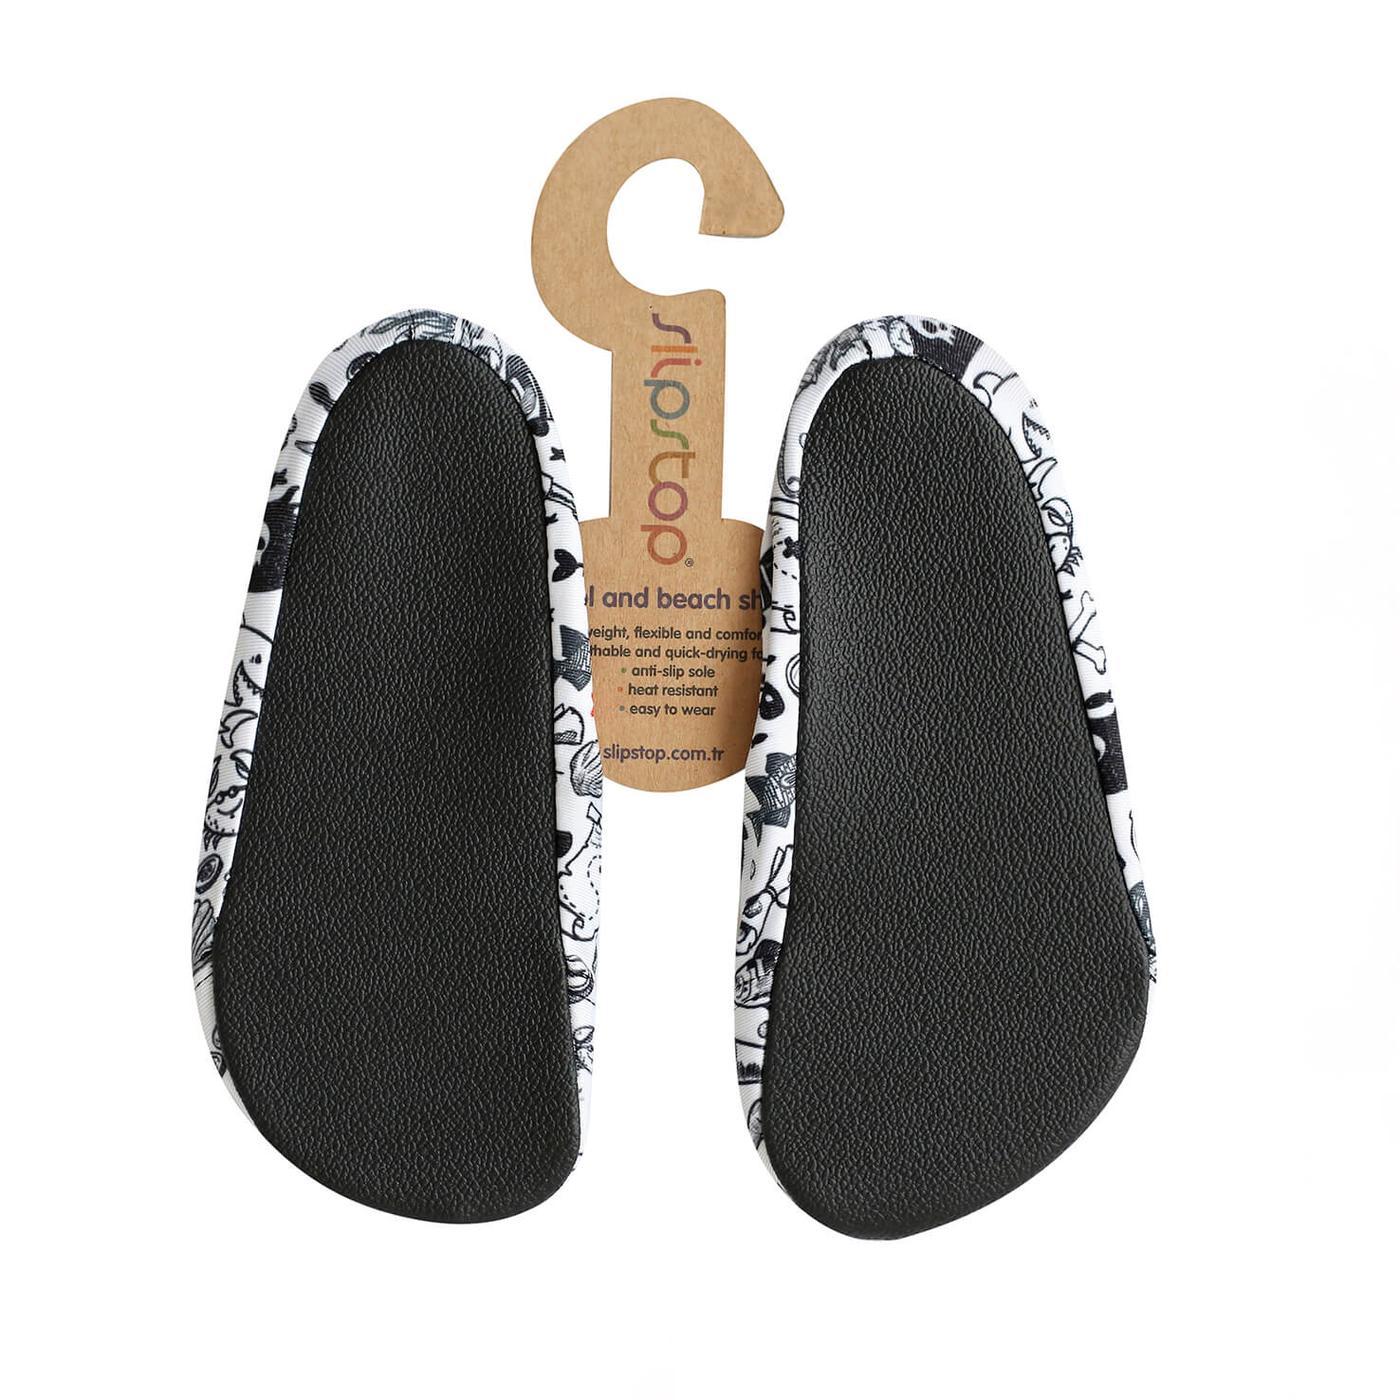 Slipstop Carabien Beyaz Çocuk Havuz Ayakkabısı